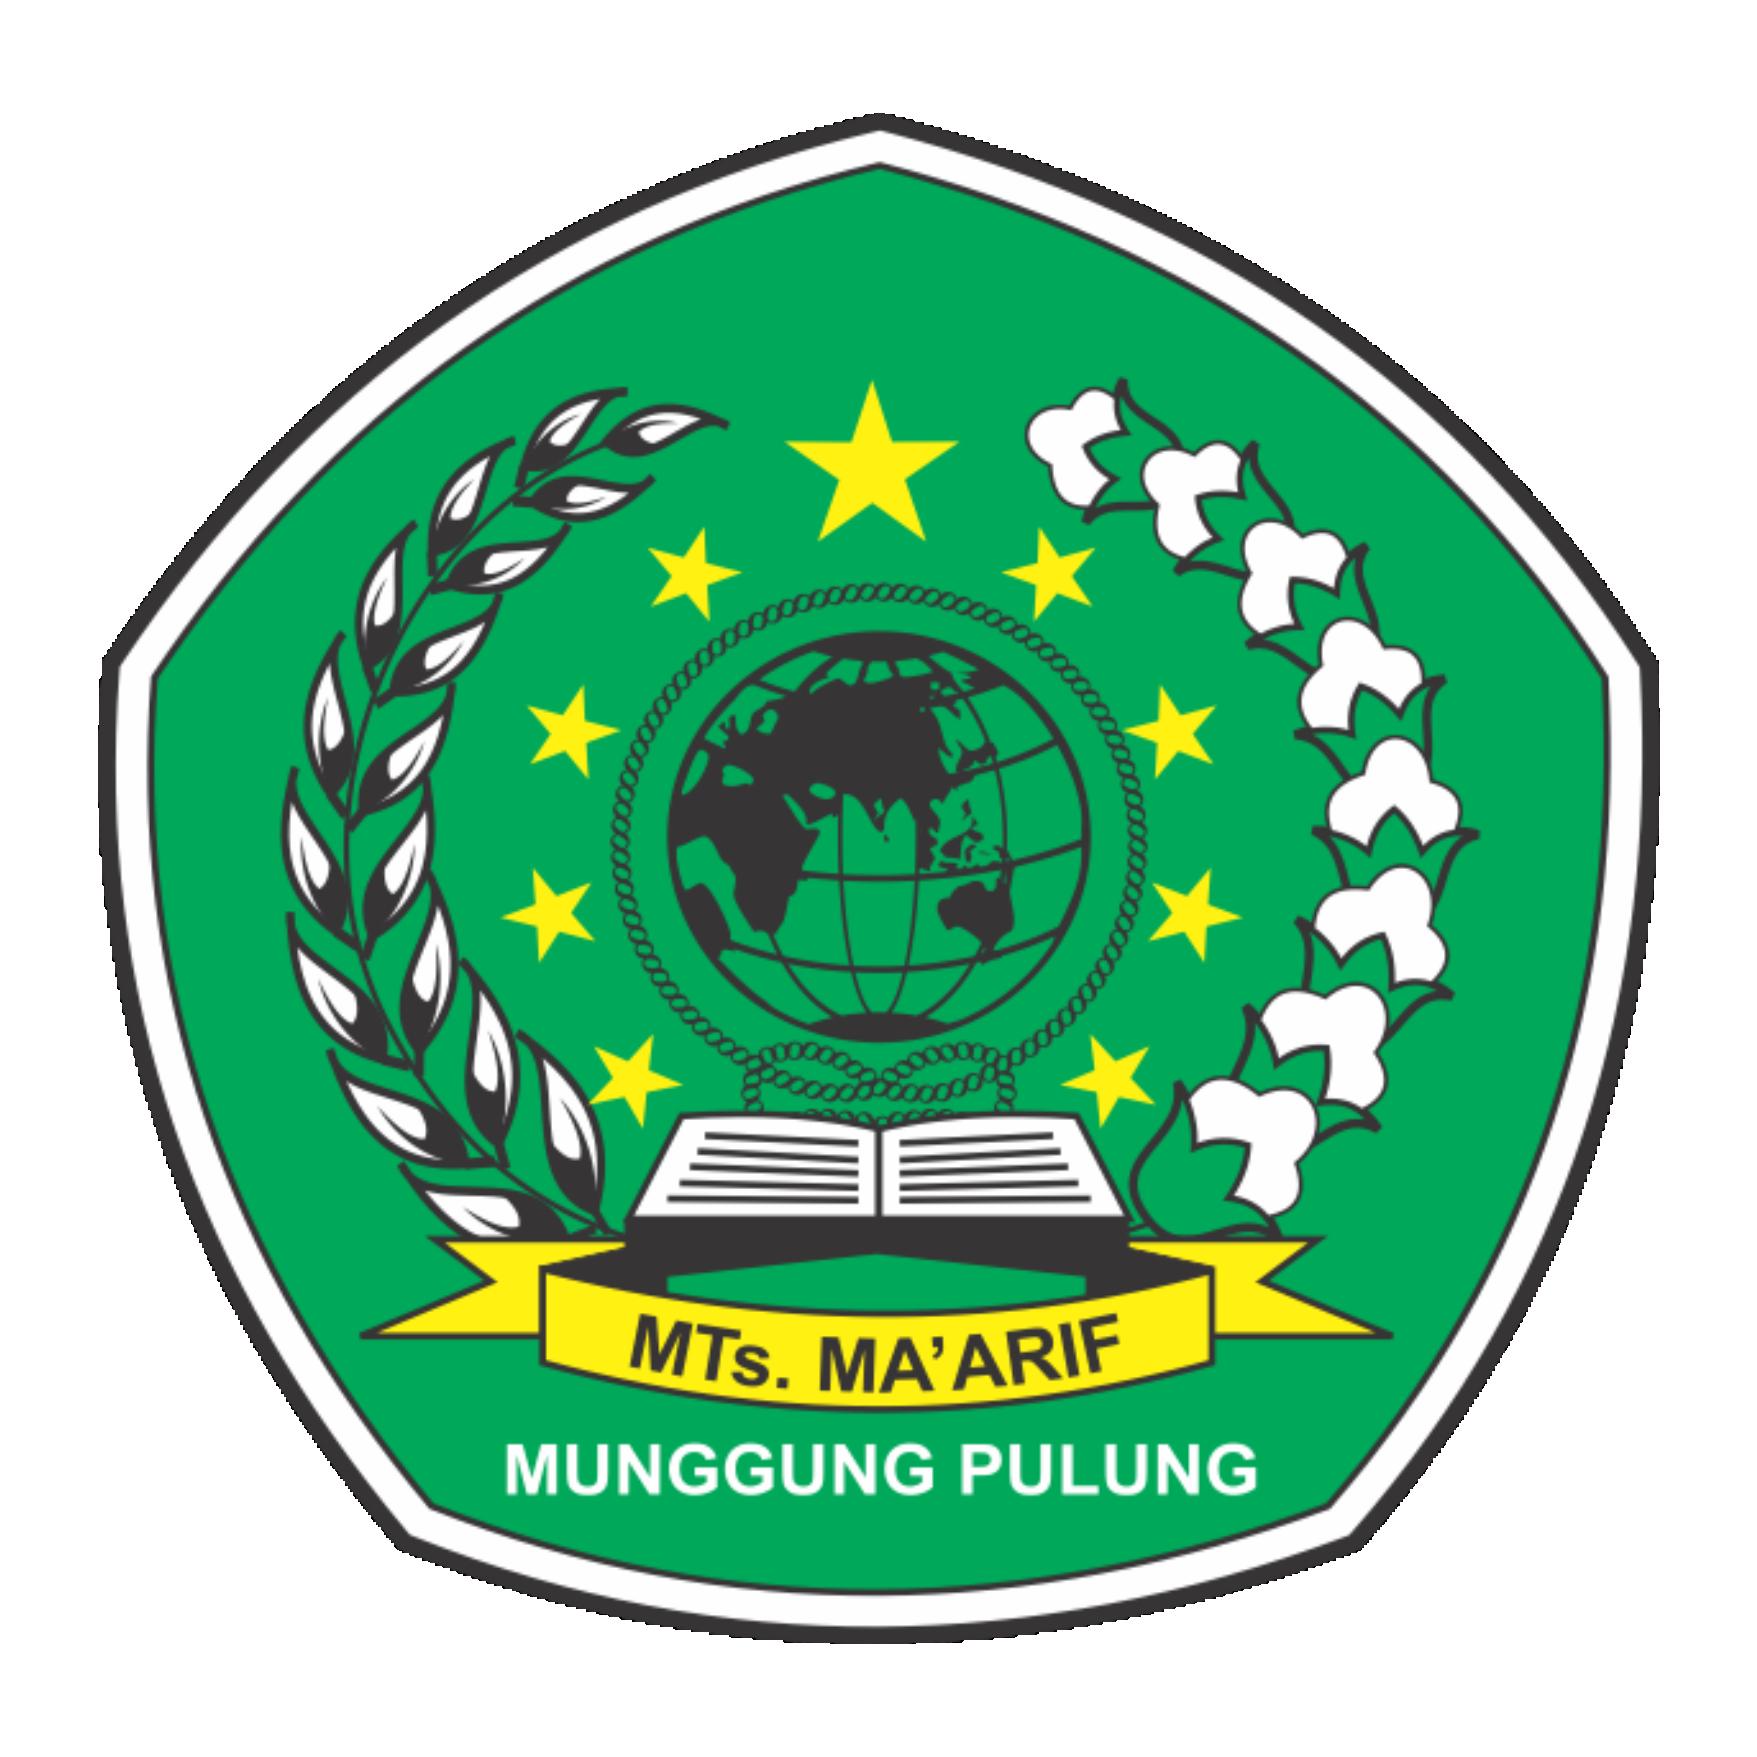 MTs Ma'arif Munggung